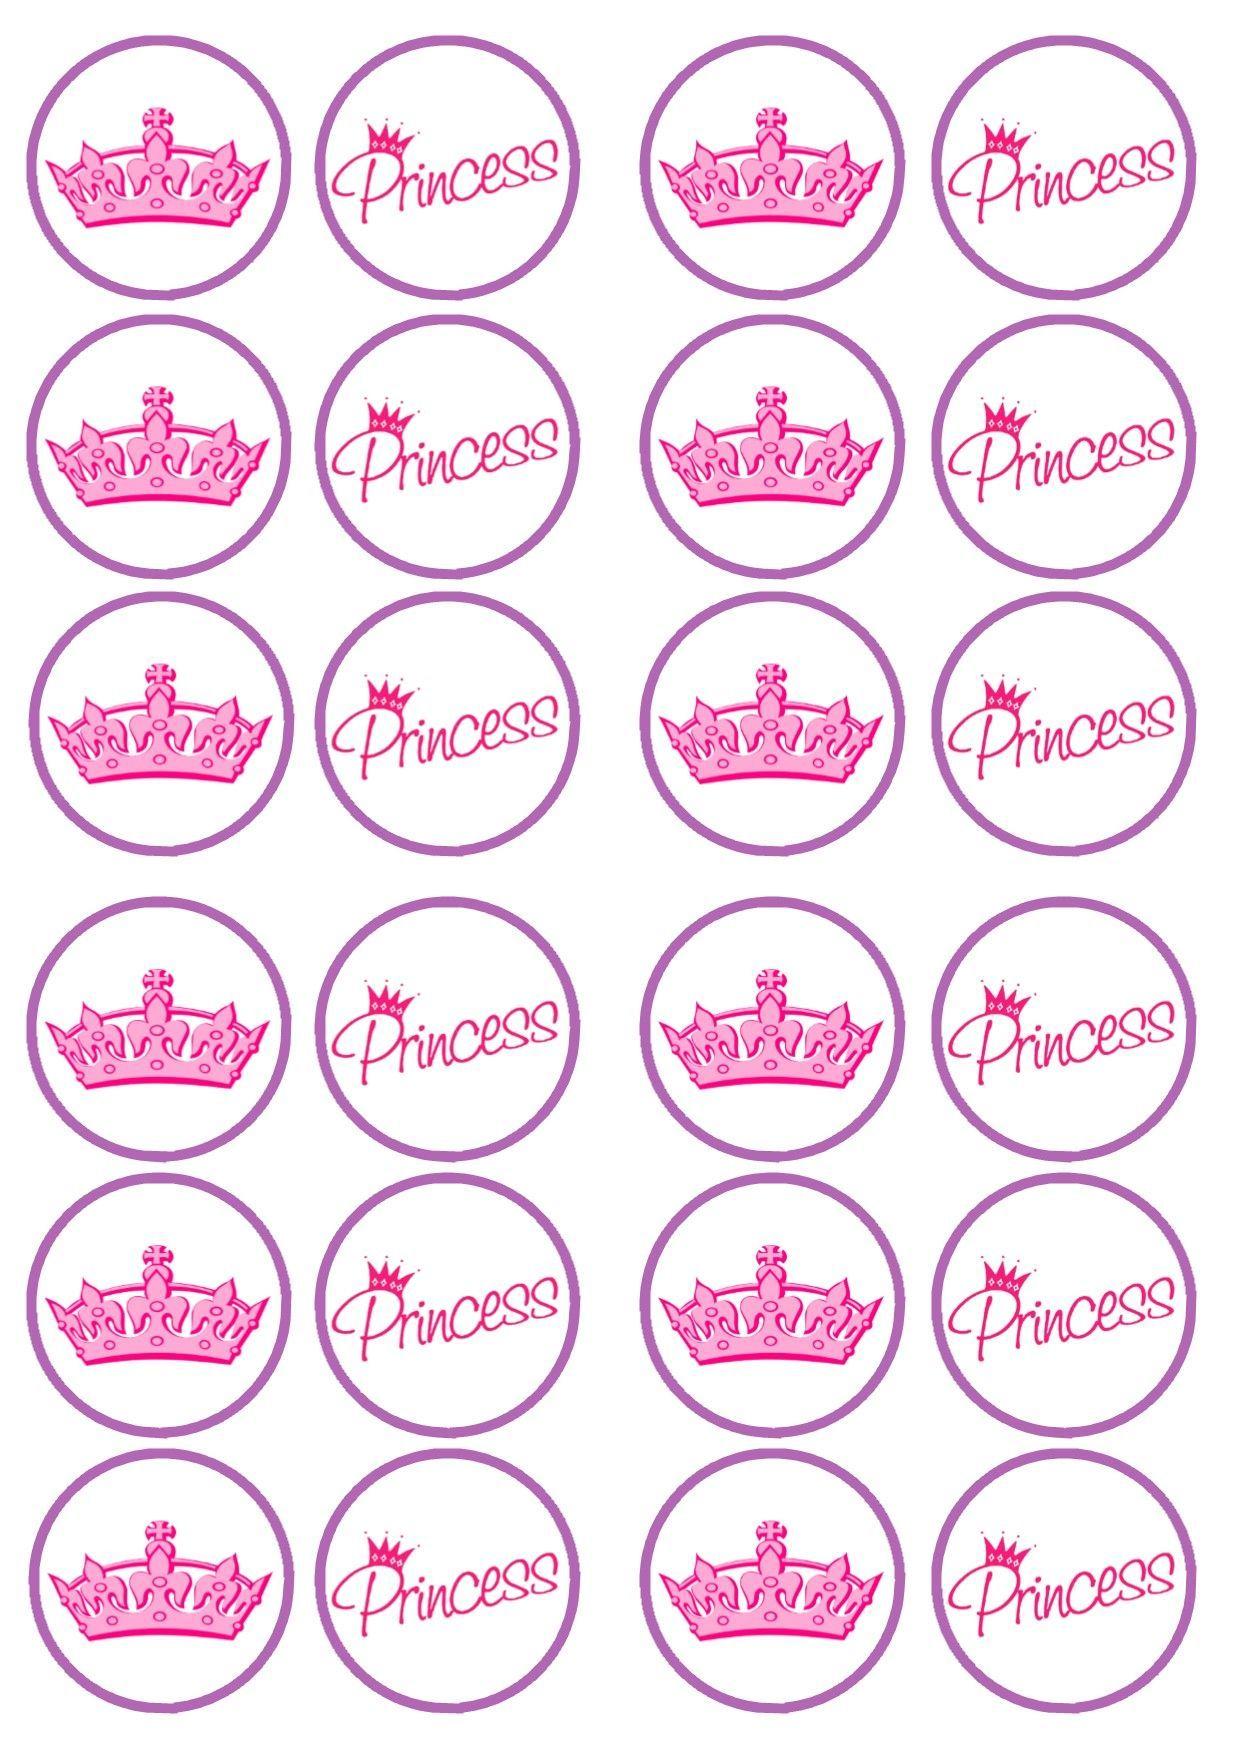 Free Printable Princess Birthday Cupcake Toppers | Princess - Free Printable Barbie Cupcake Toppers